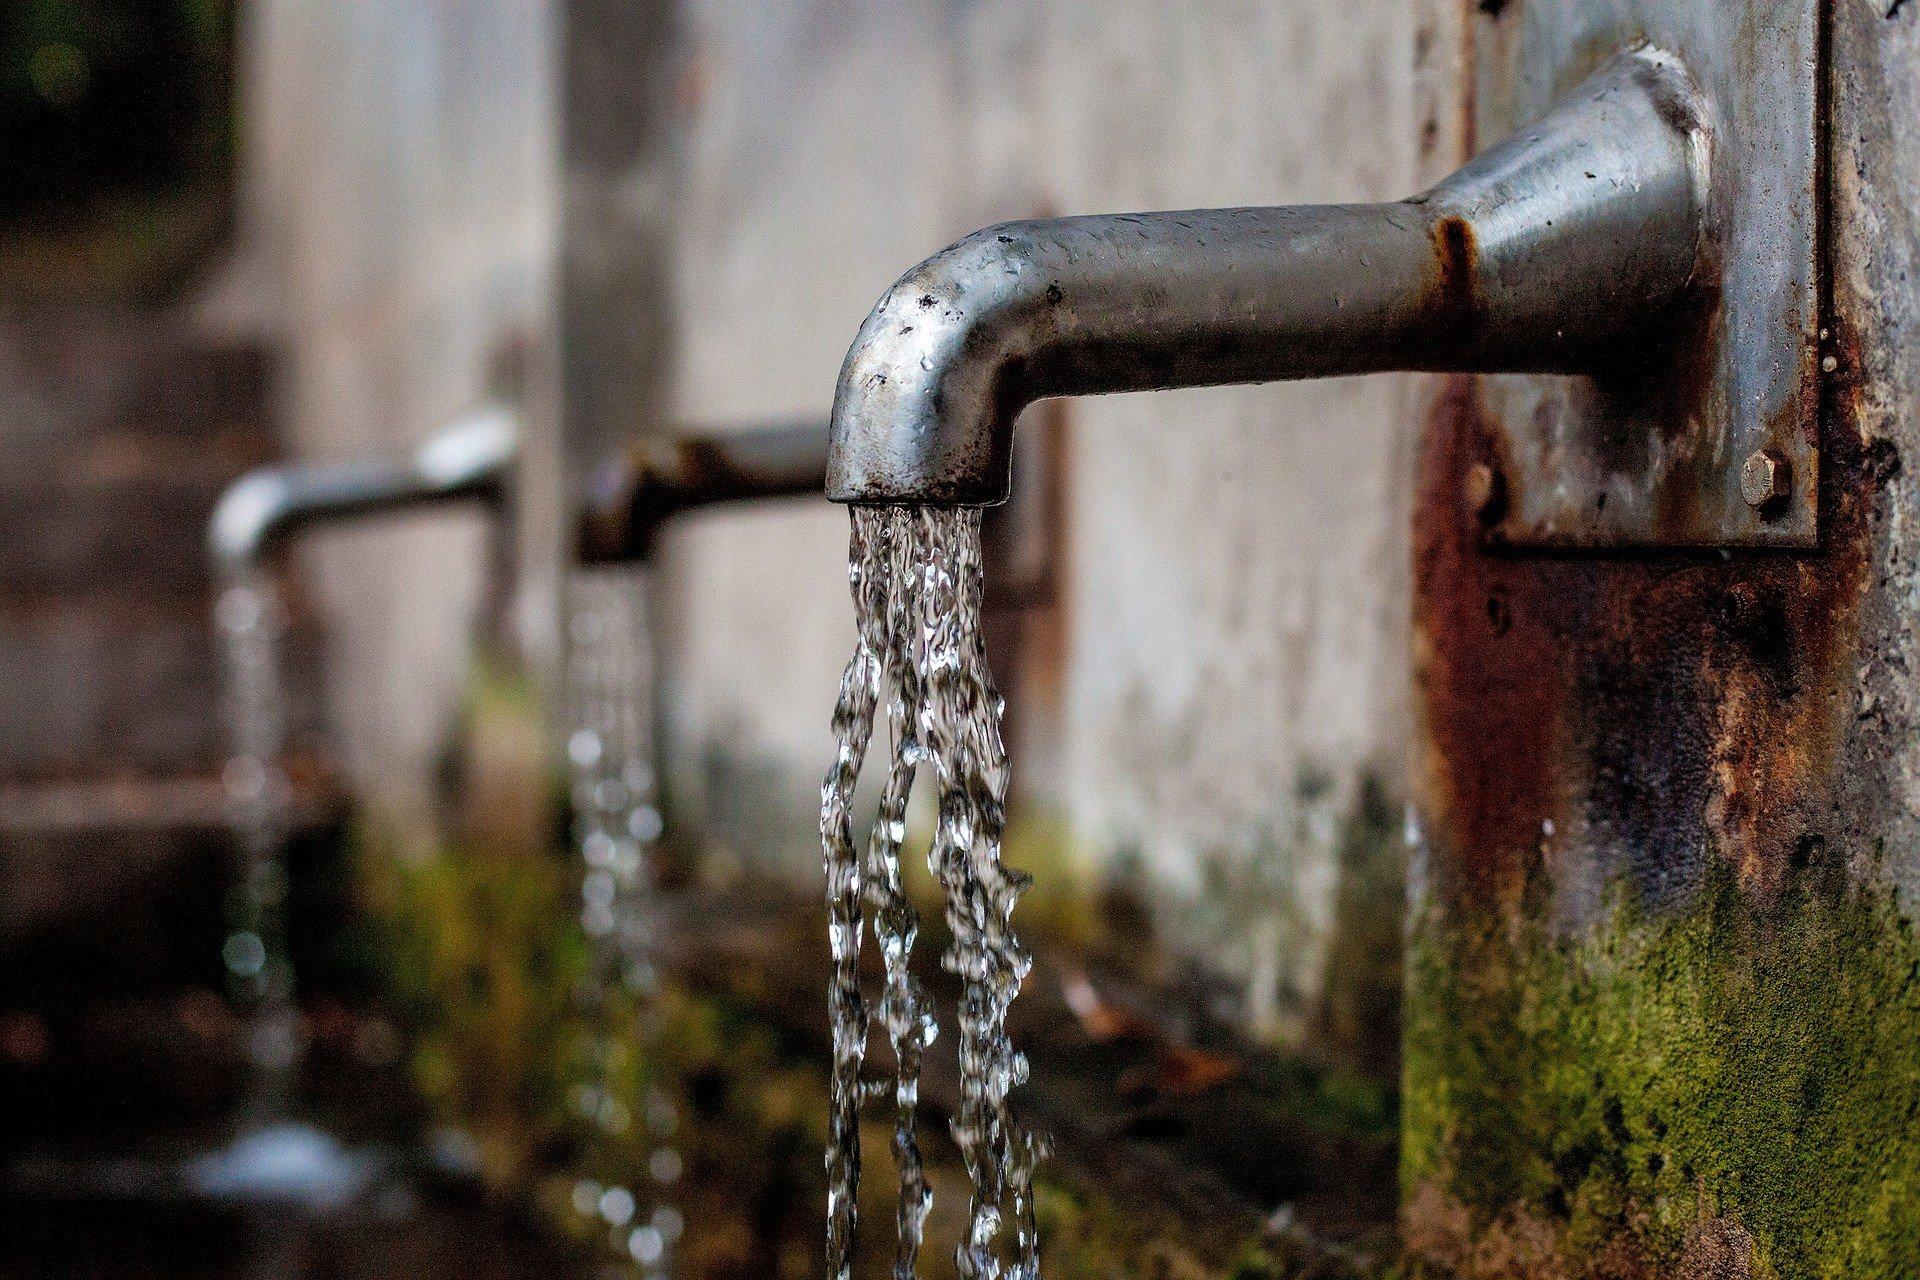 В ВР зарегистрировали законопроект о запрете подачи воды в Крым